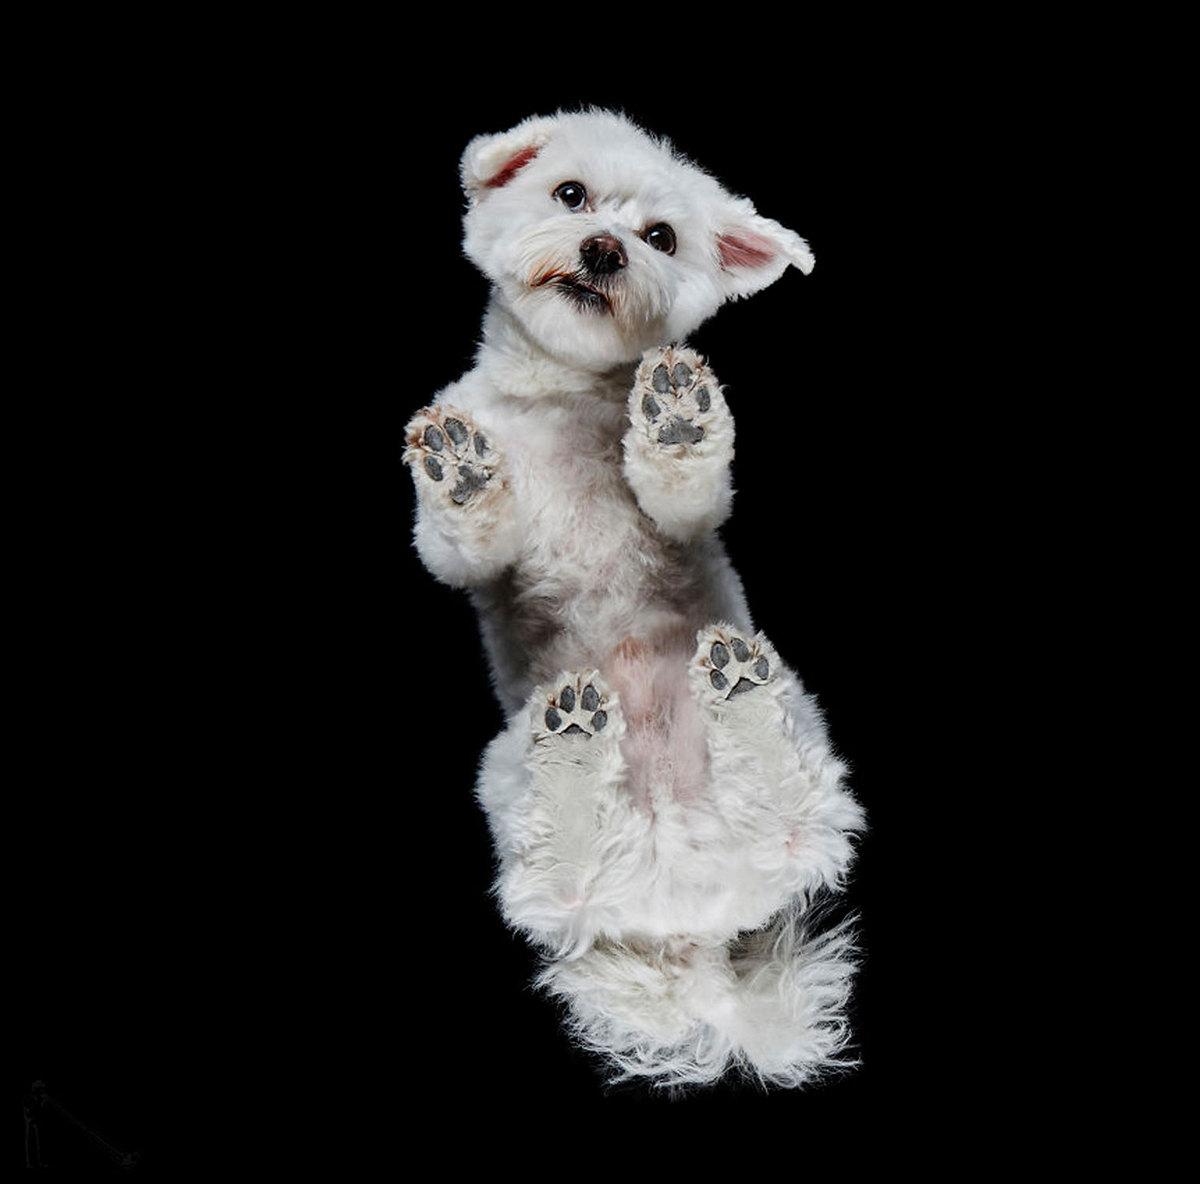 Взгляд снизу: животные с нового ракурса в фотопроекте Андриуса Бурбы